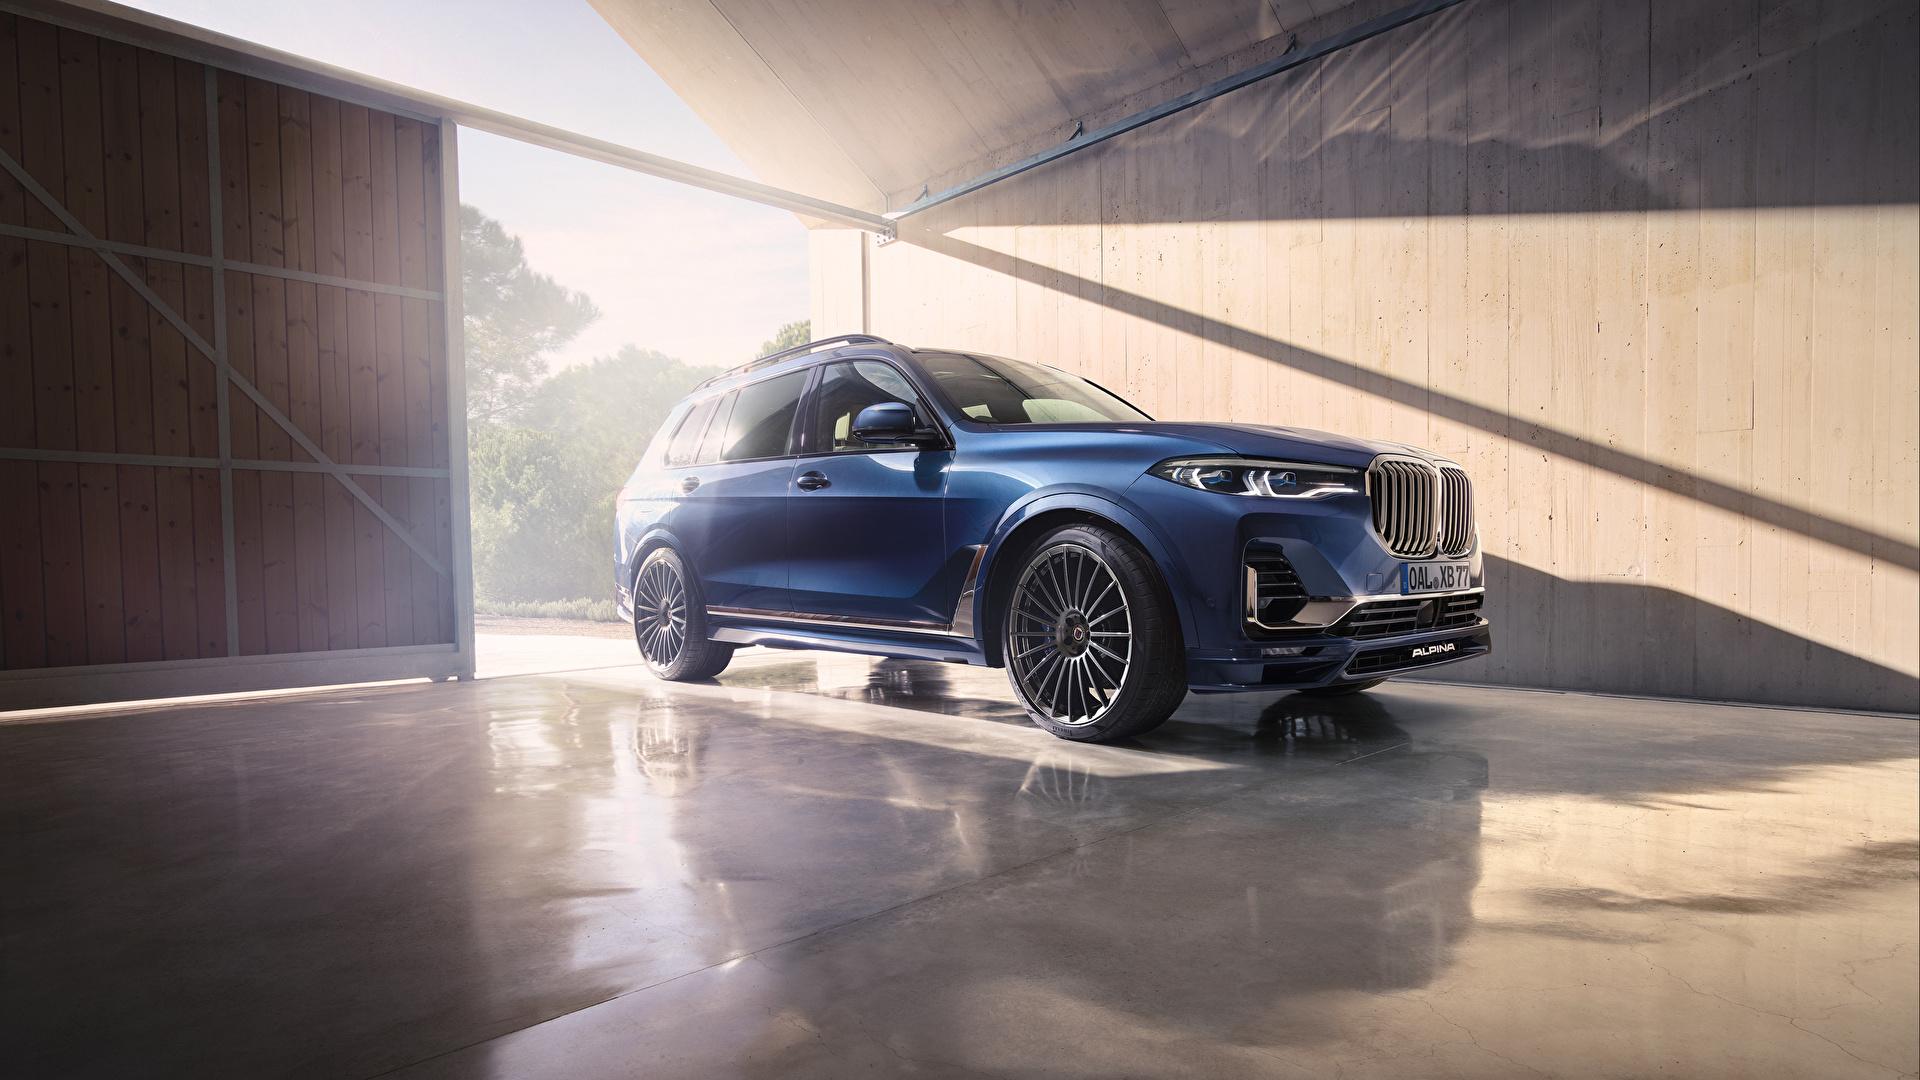 Обои для рабочего стола BMW Кроссовер 2020 Alpina XB7 Worldwide синяя Автомобили 1920x1080 БМВ CUV Синий синие синих авто машины машина автомобиль